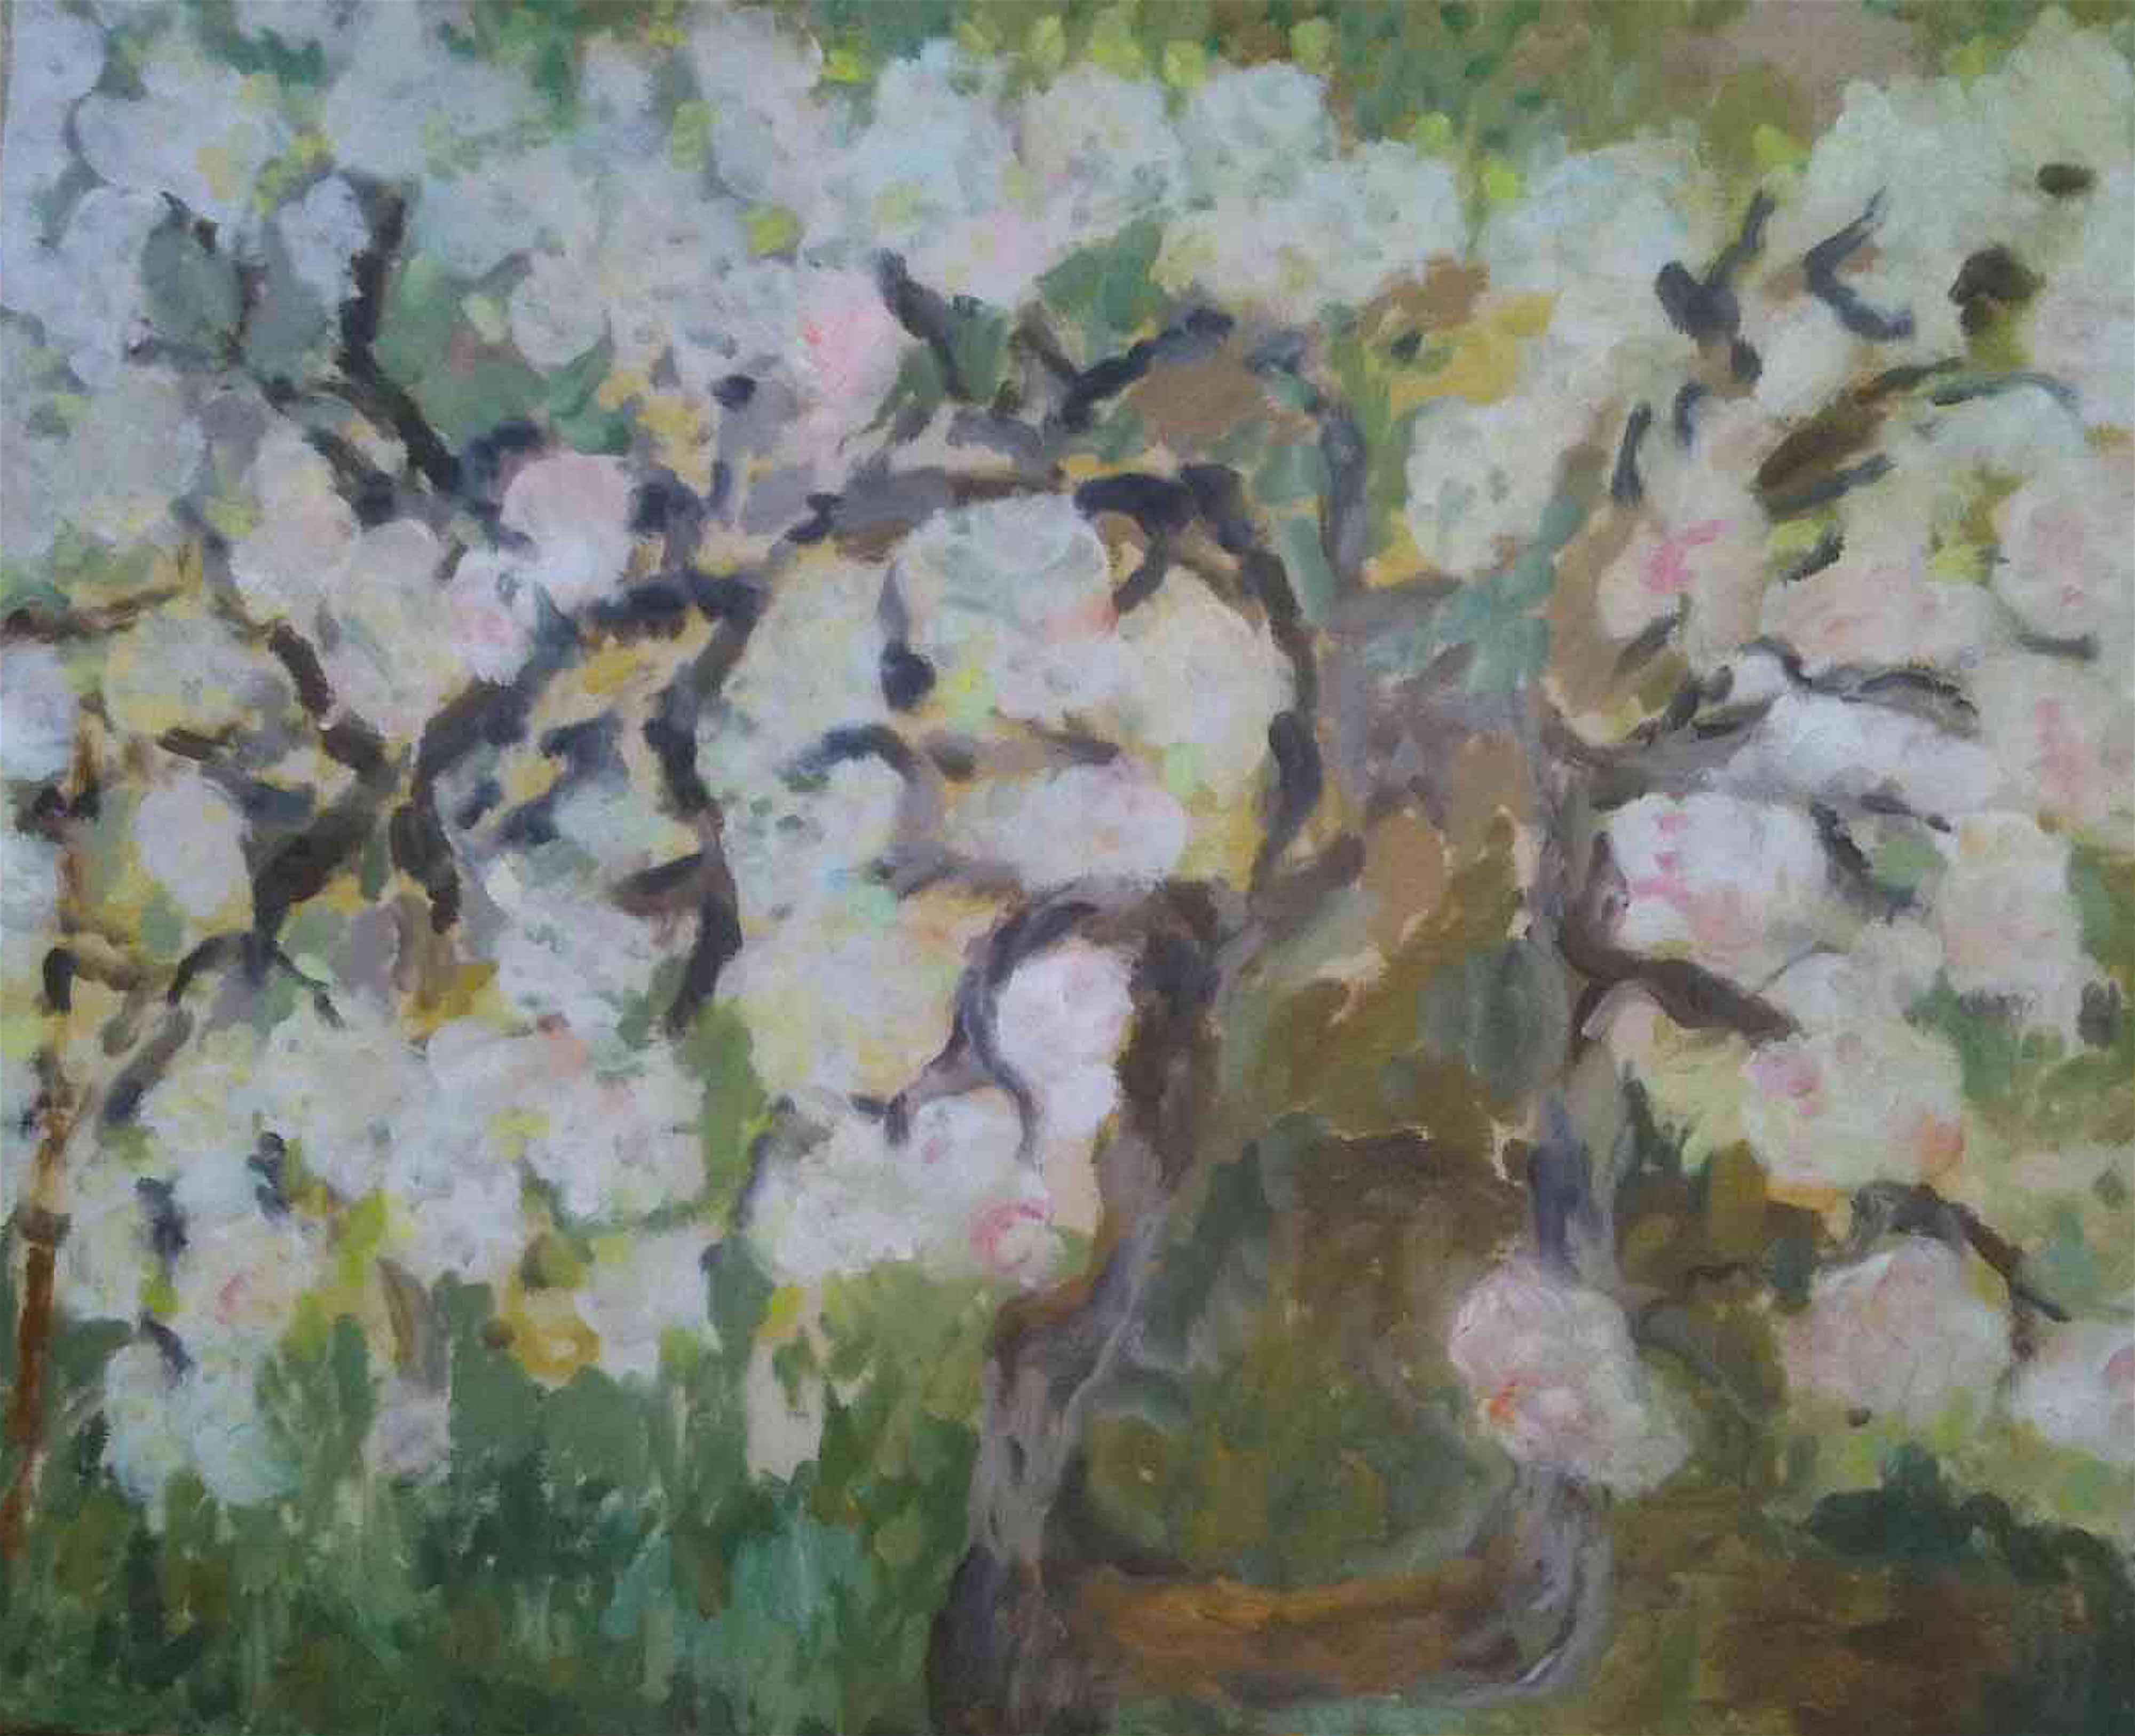 Image of - Premier Poirier en Fleur (First Pear tree in Bloom)